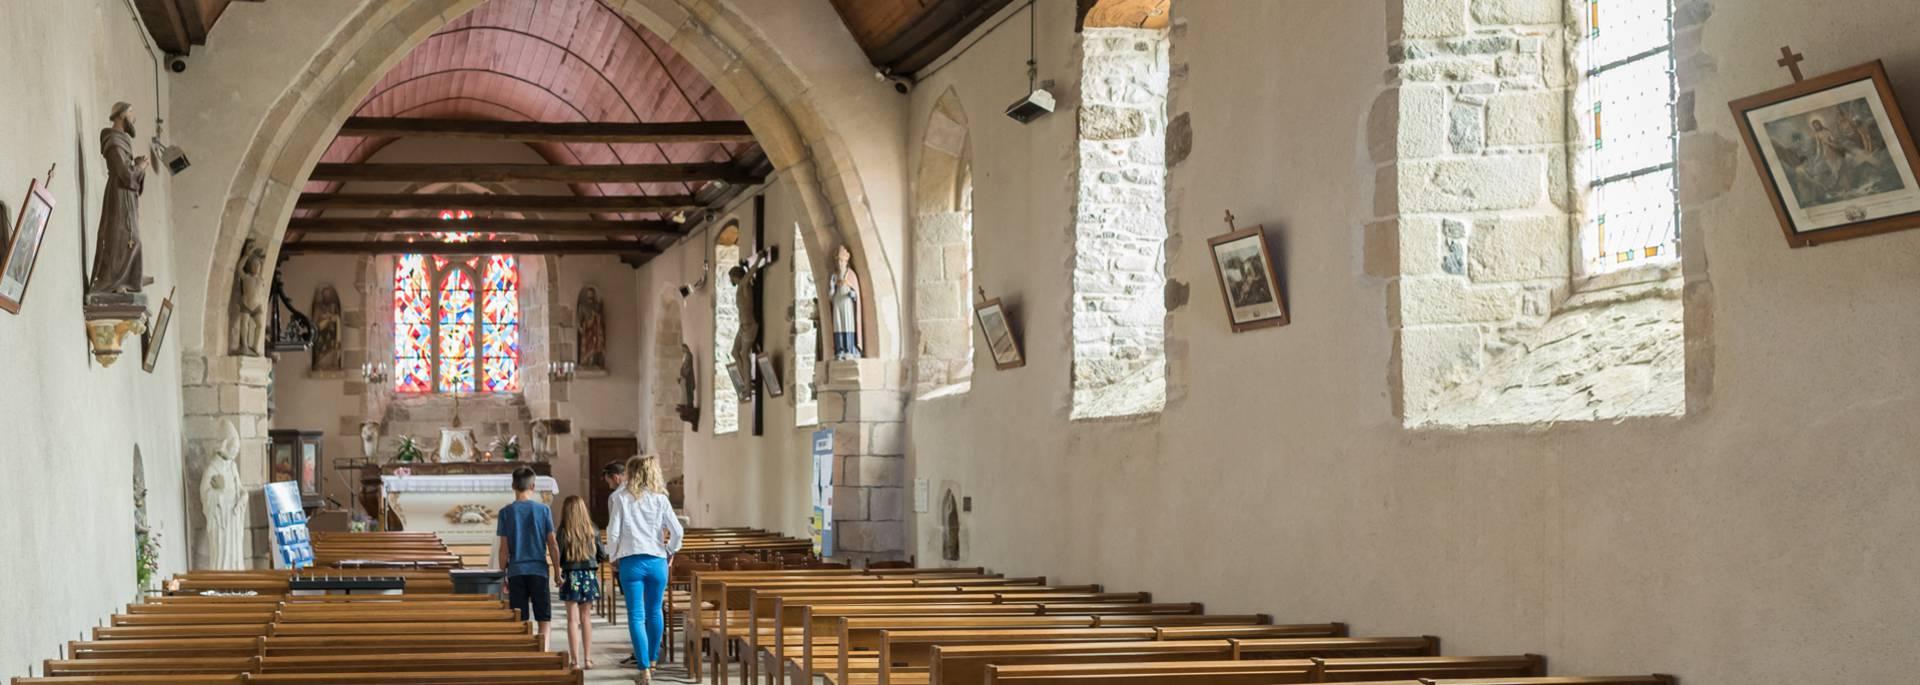 L'église de Plurien ©E. Berthier